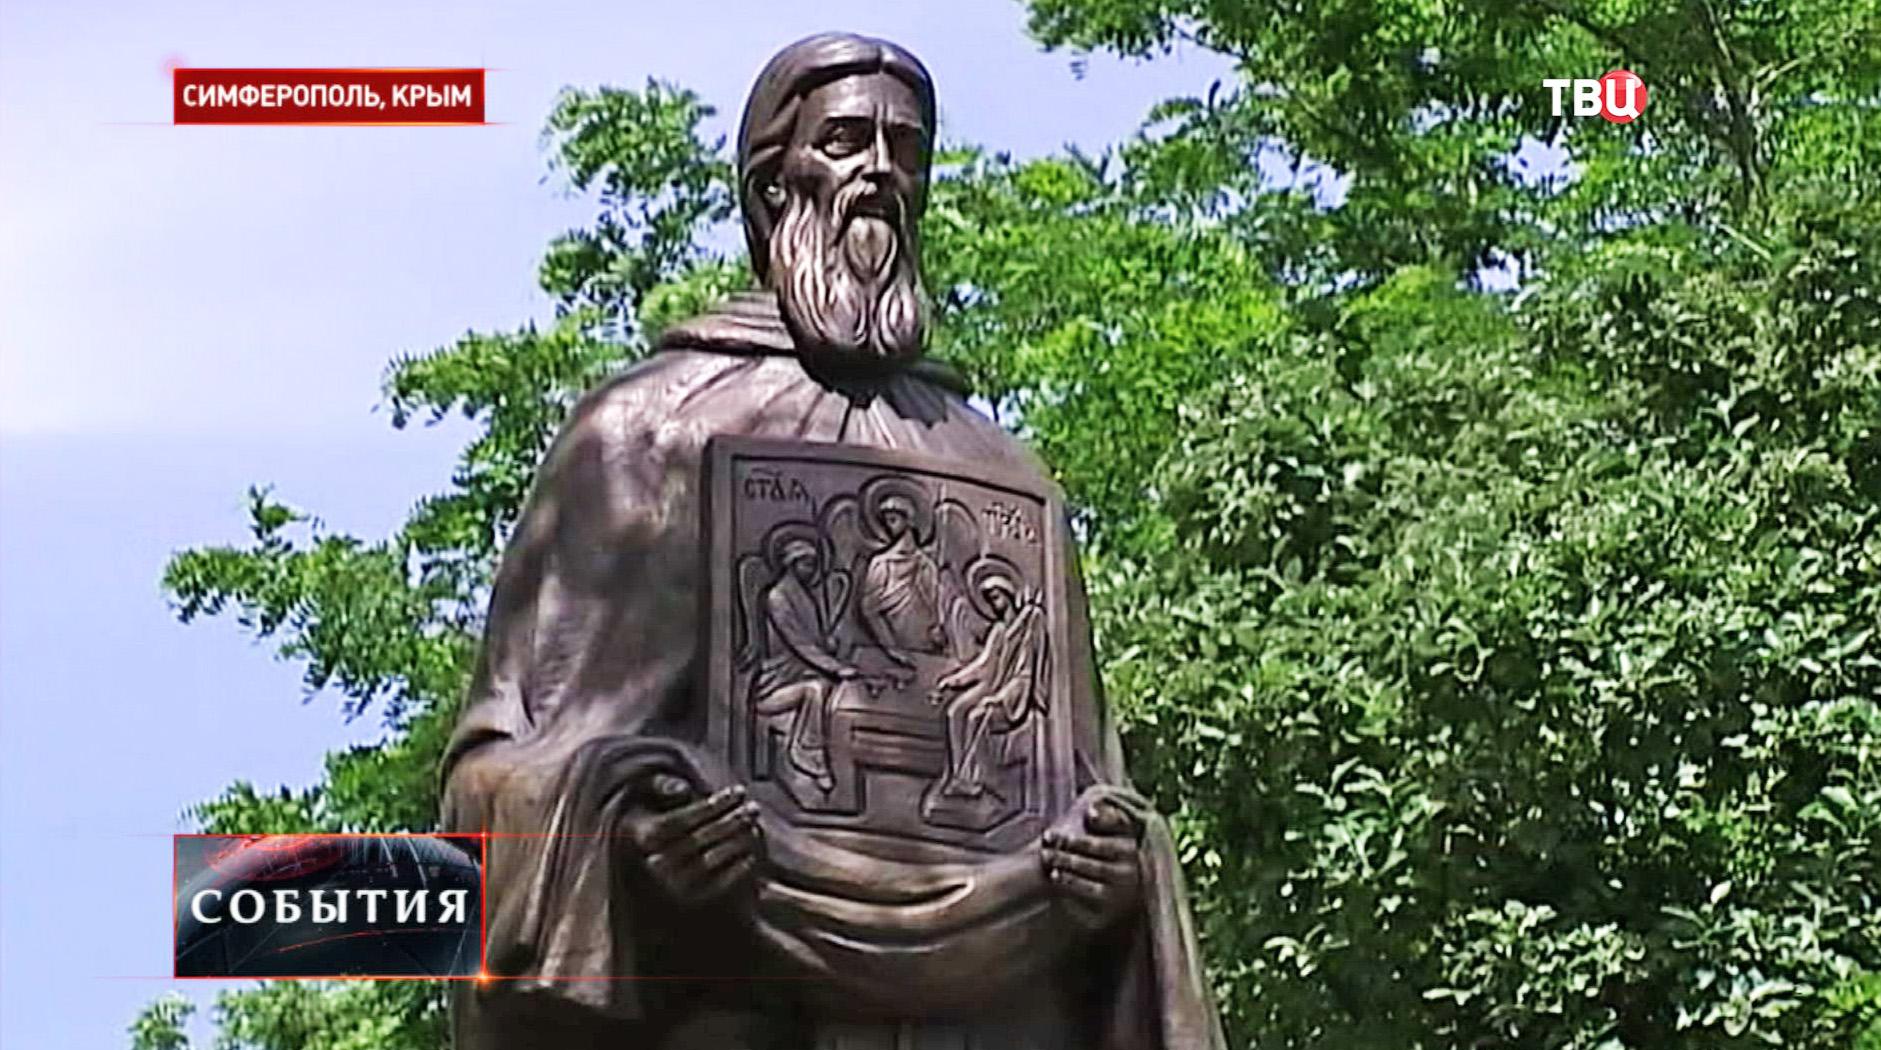 Открытие памятника Сергию Радонежскому в Симферополе